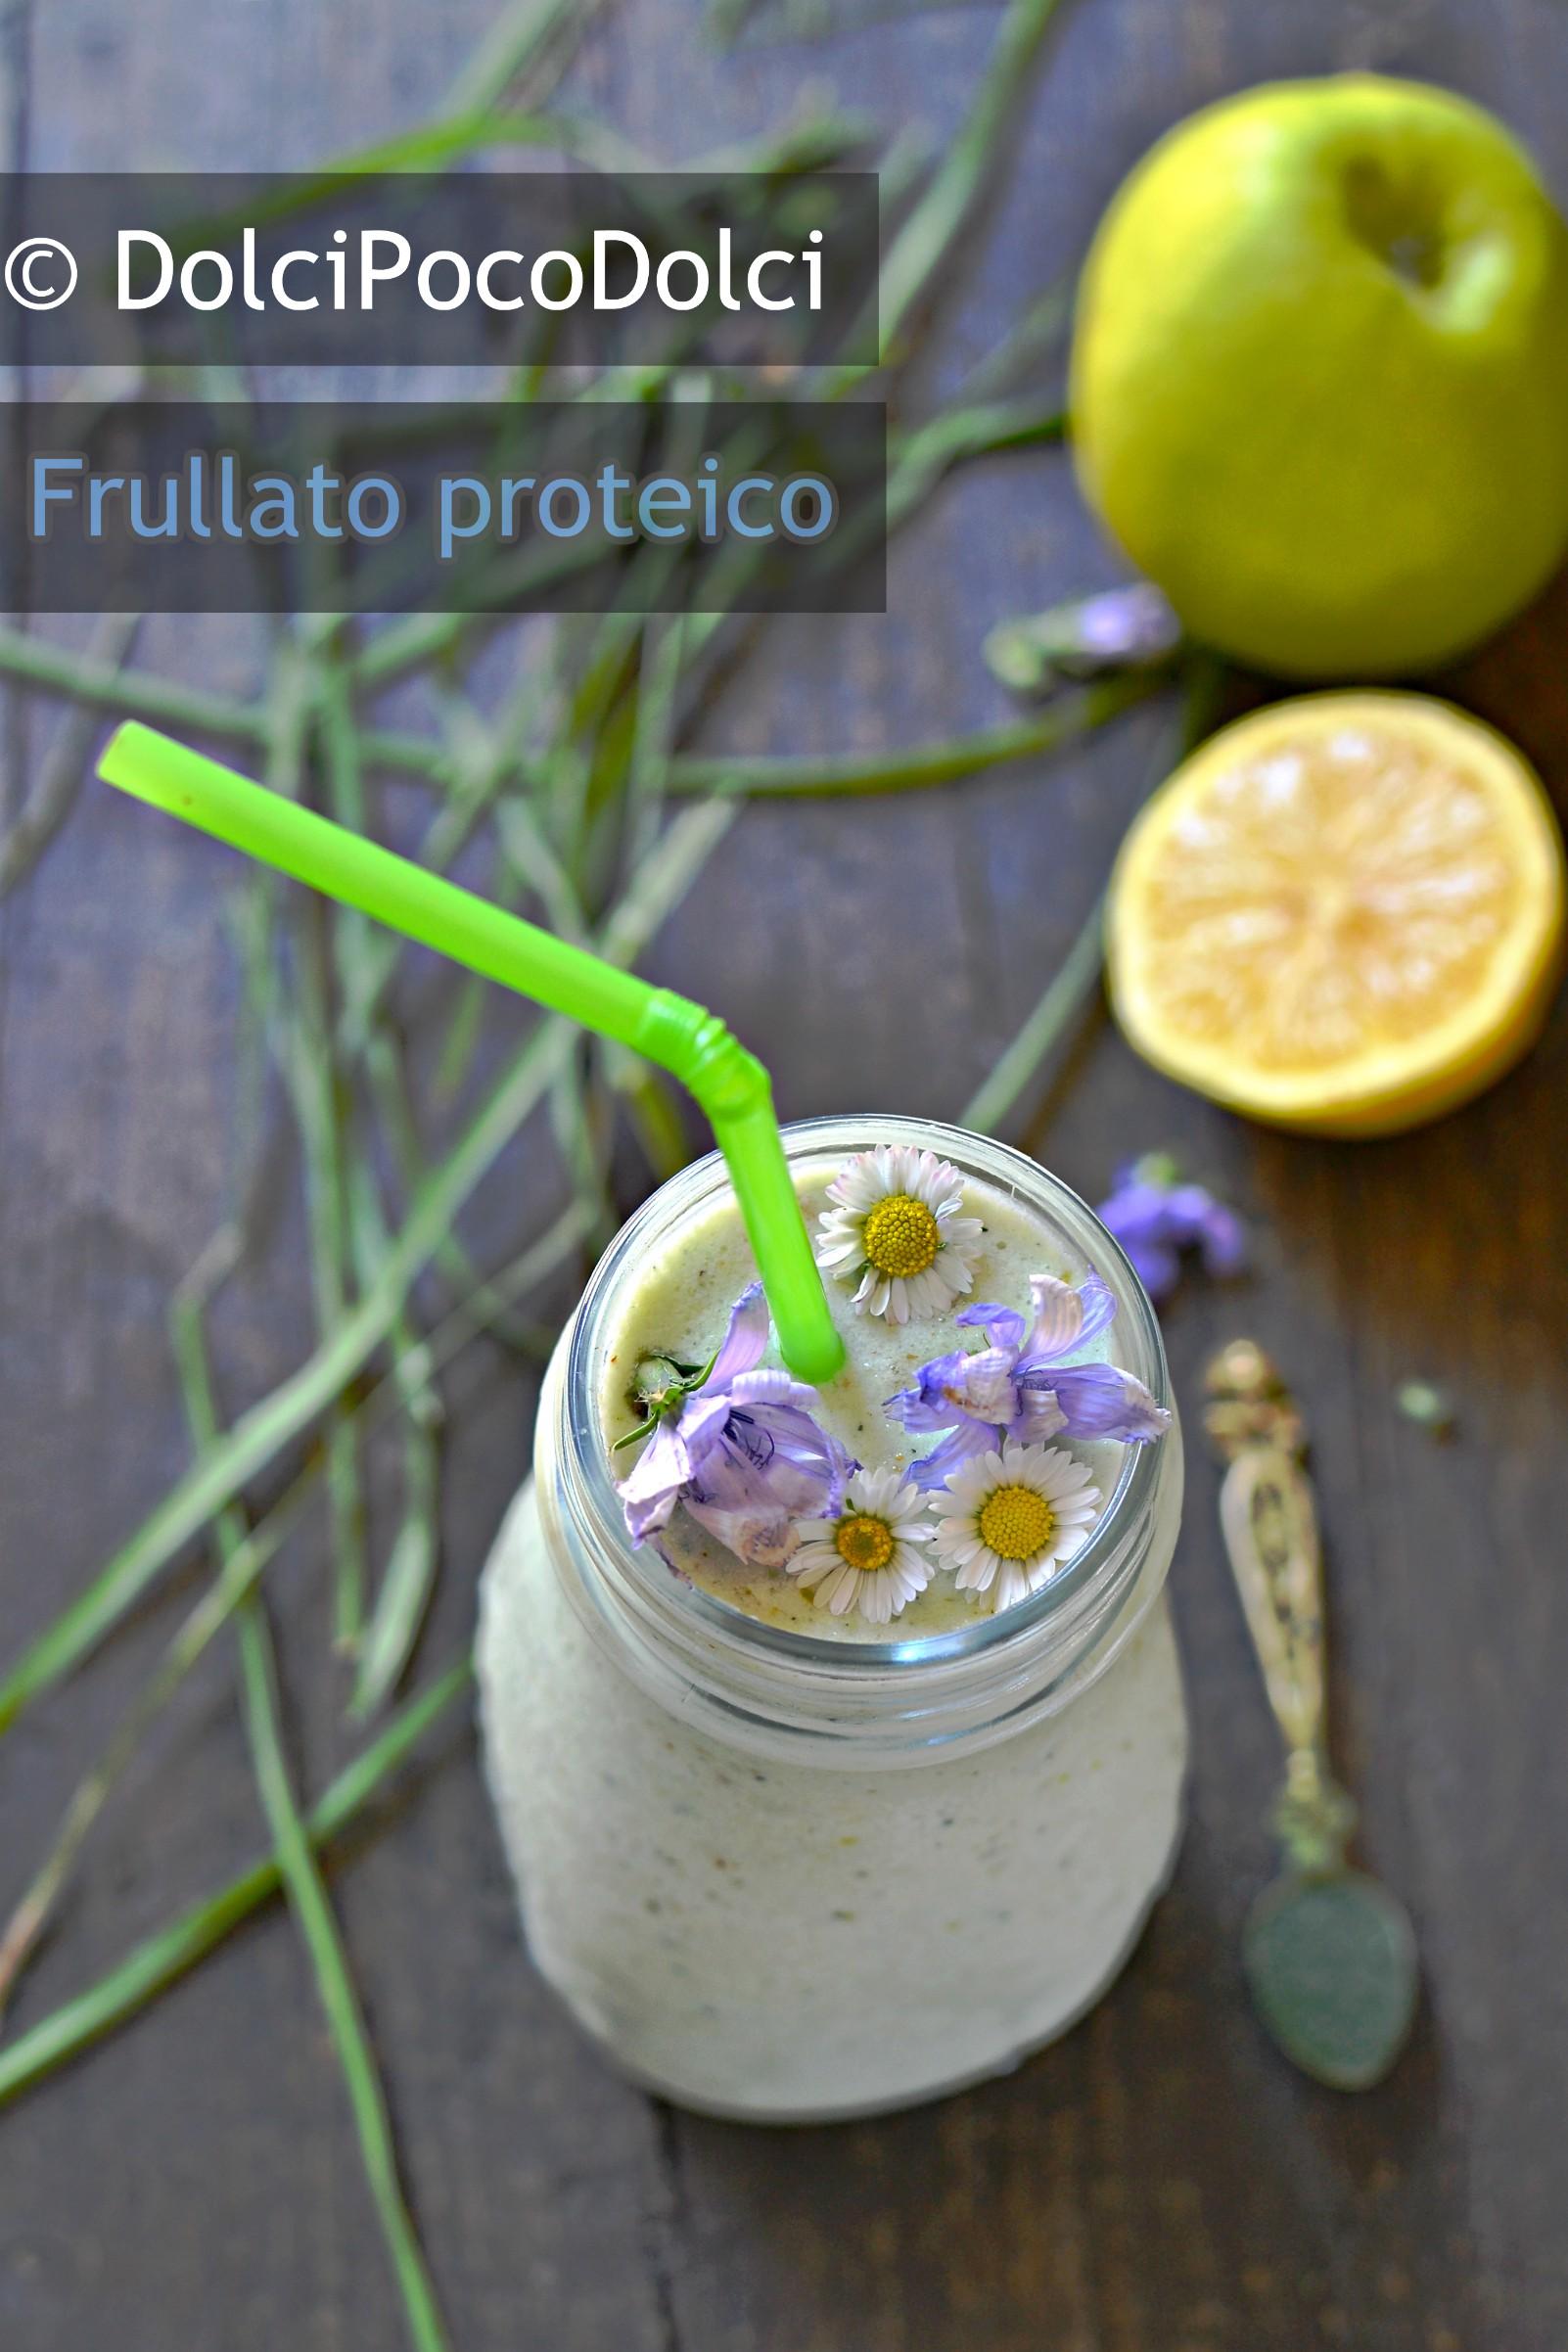 Frullato proteico alla mela verde e spirulina